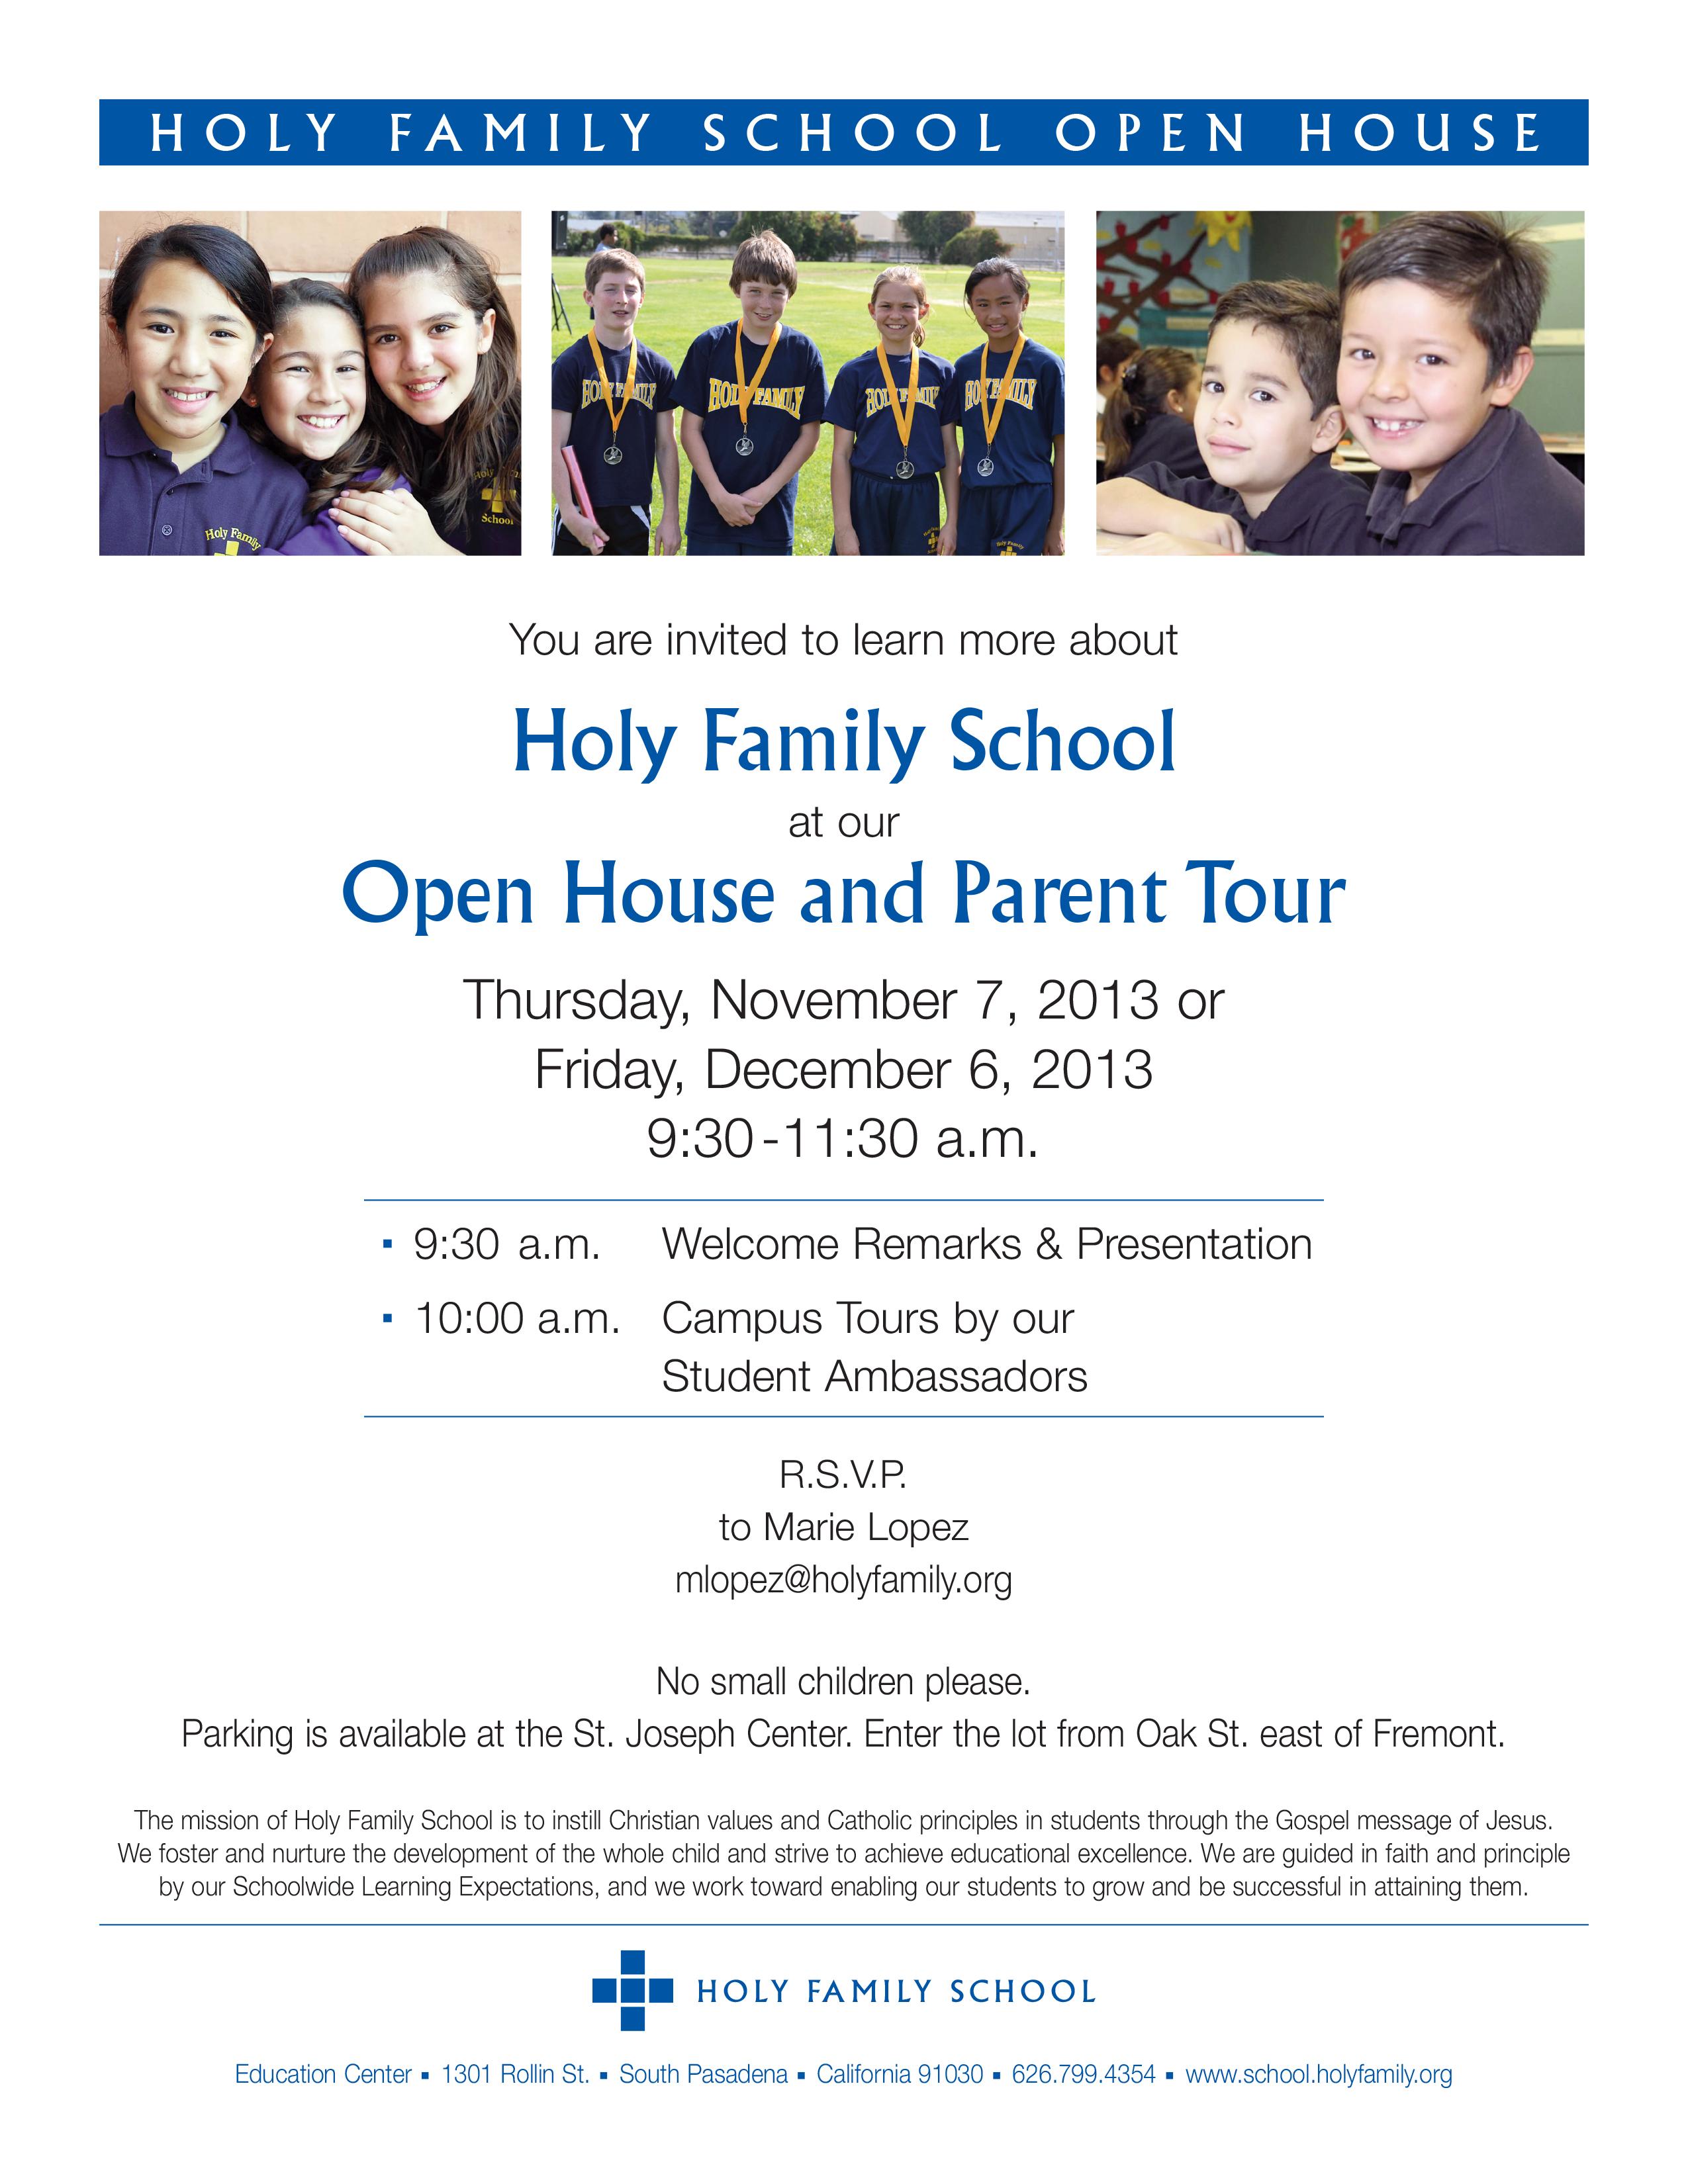 Open-House-Schedule-2013